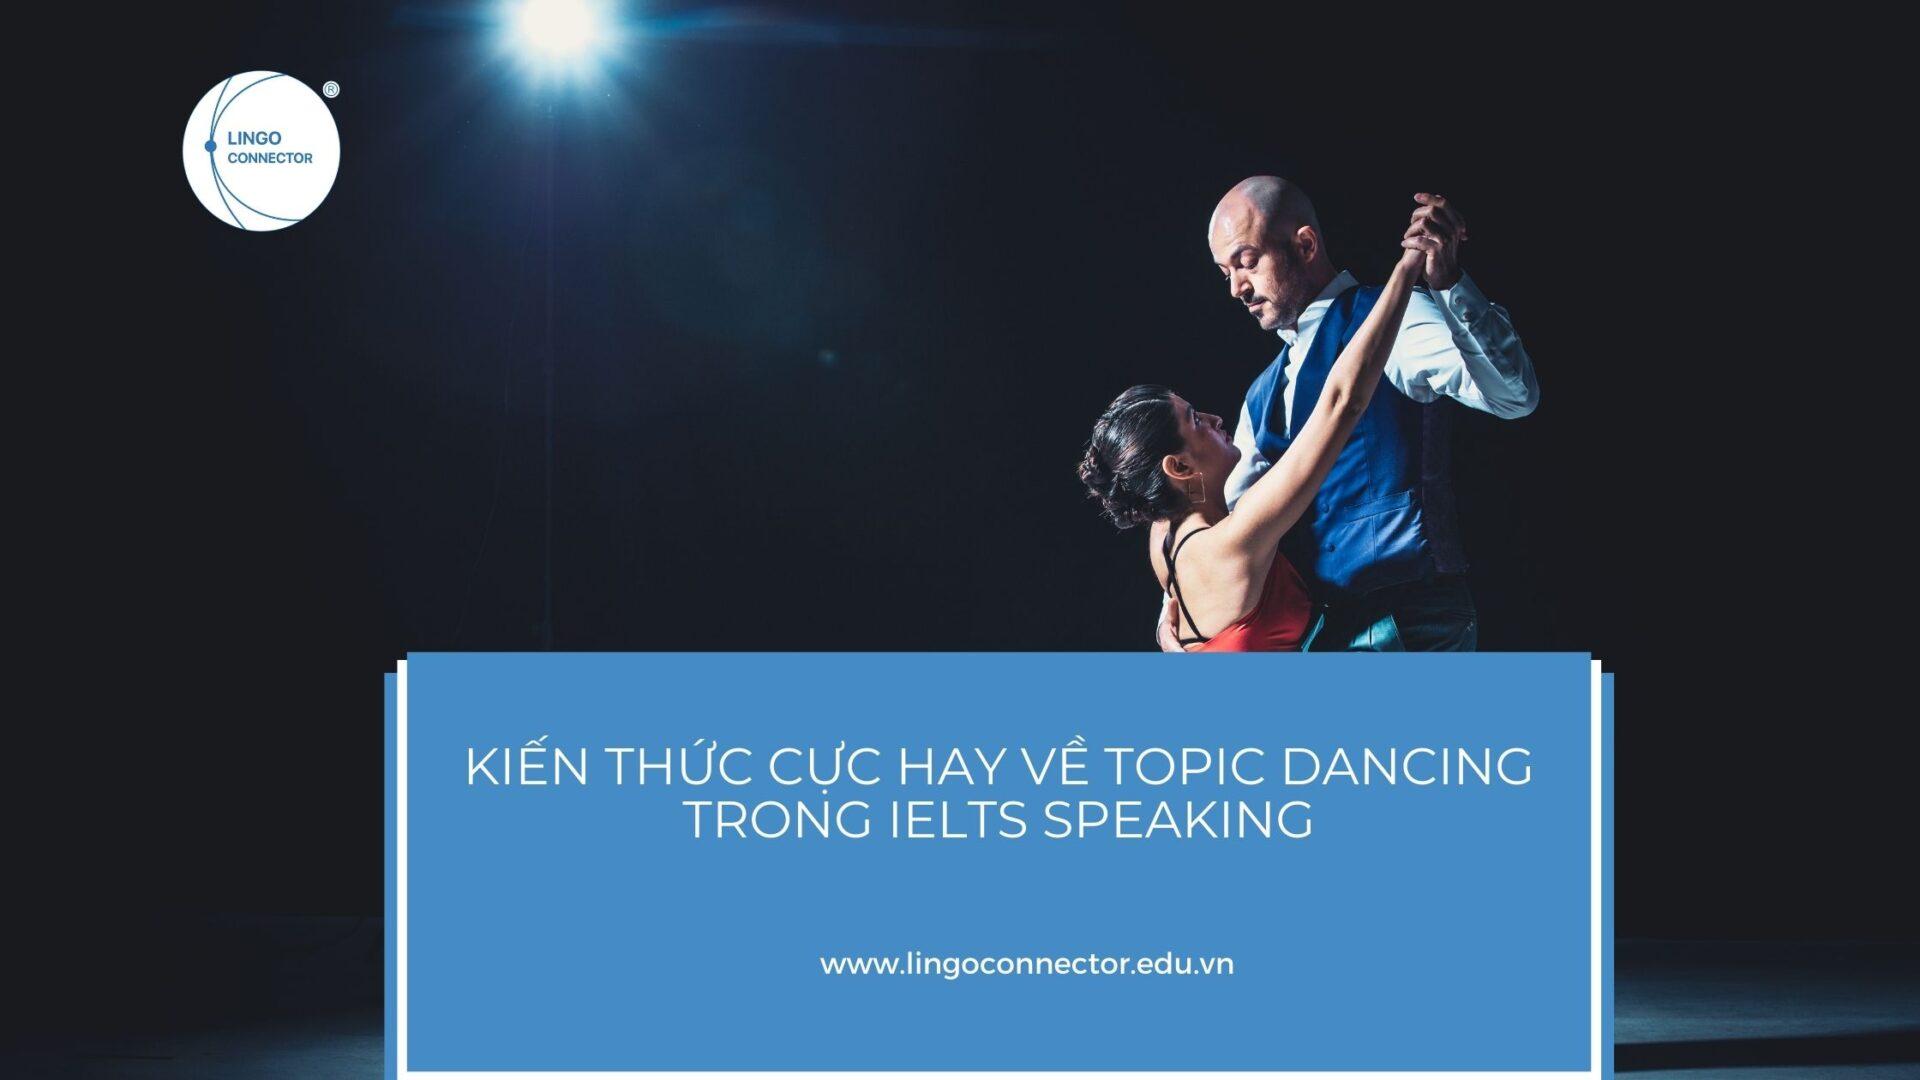 Topic Dancing